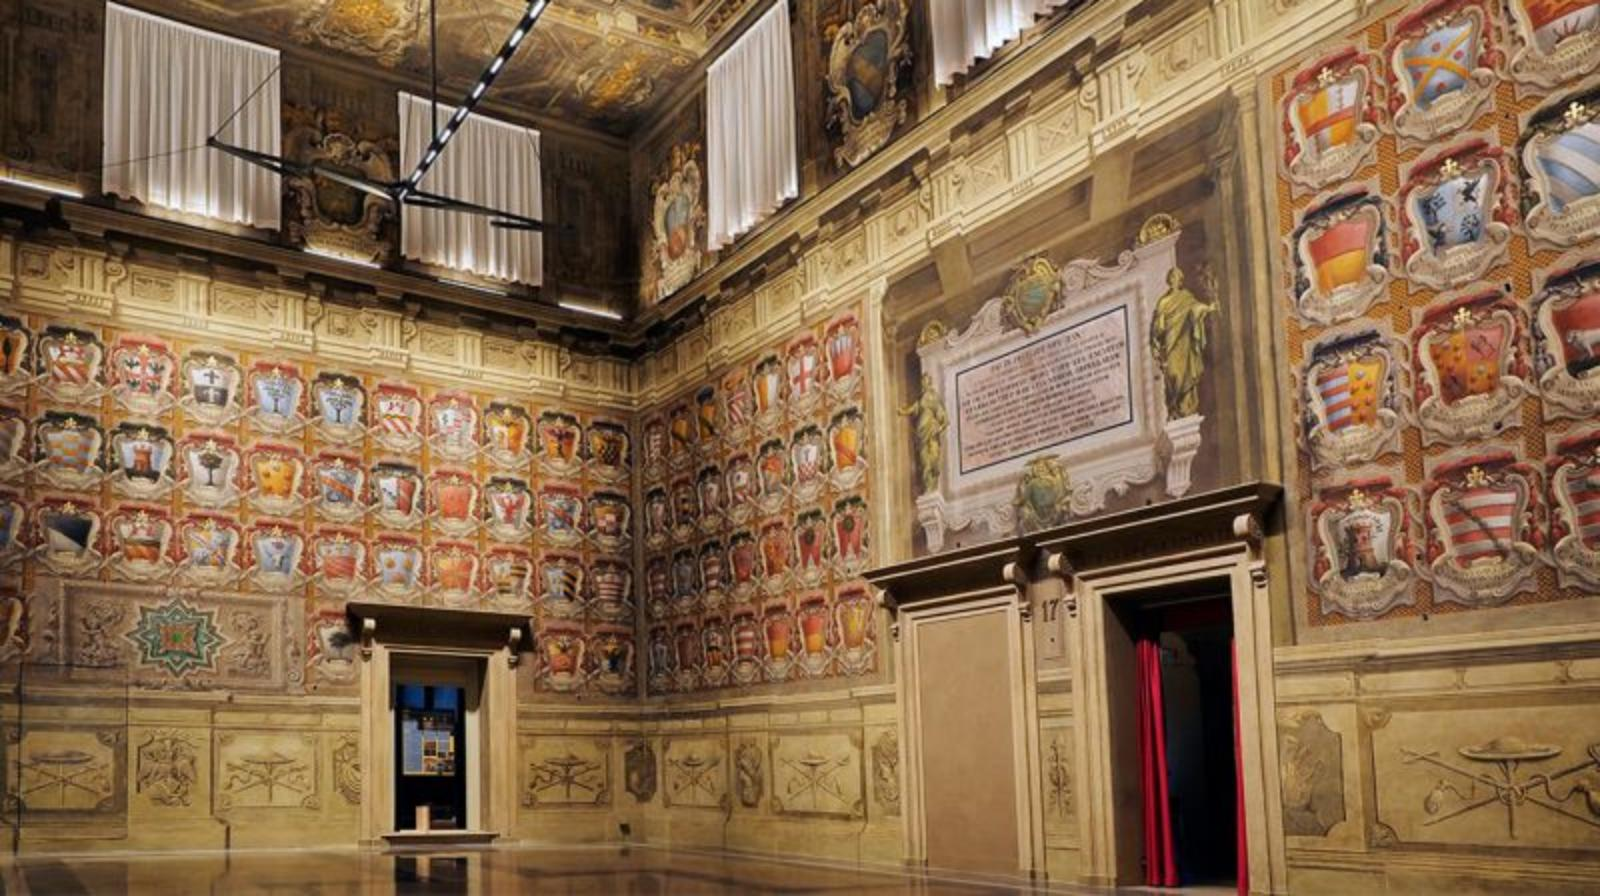 The Collezioni Comunali d'Arte of Bologna closed for work - The Sala Urbana